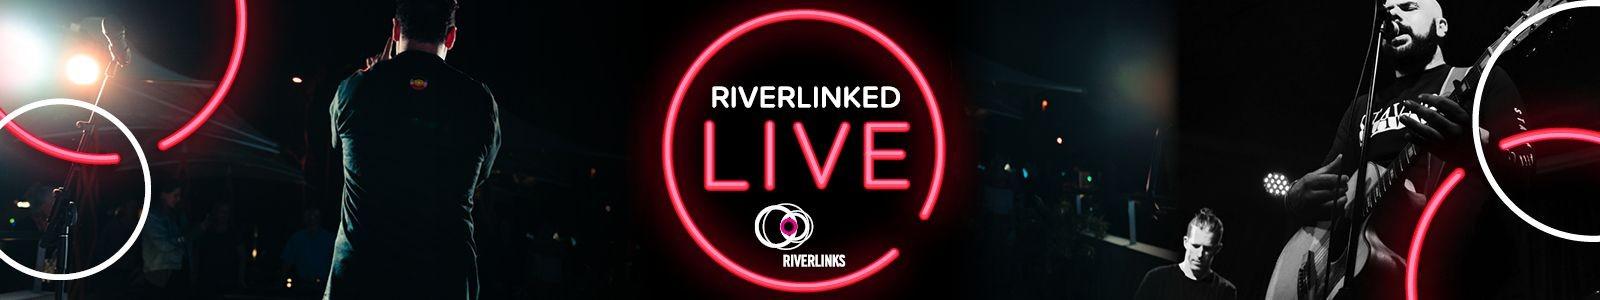 RiverLinked LIVE